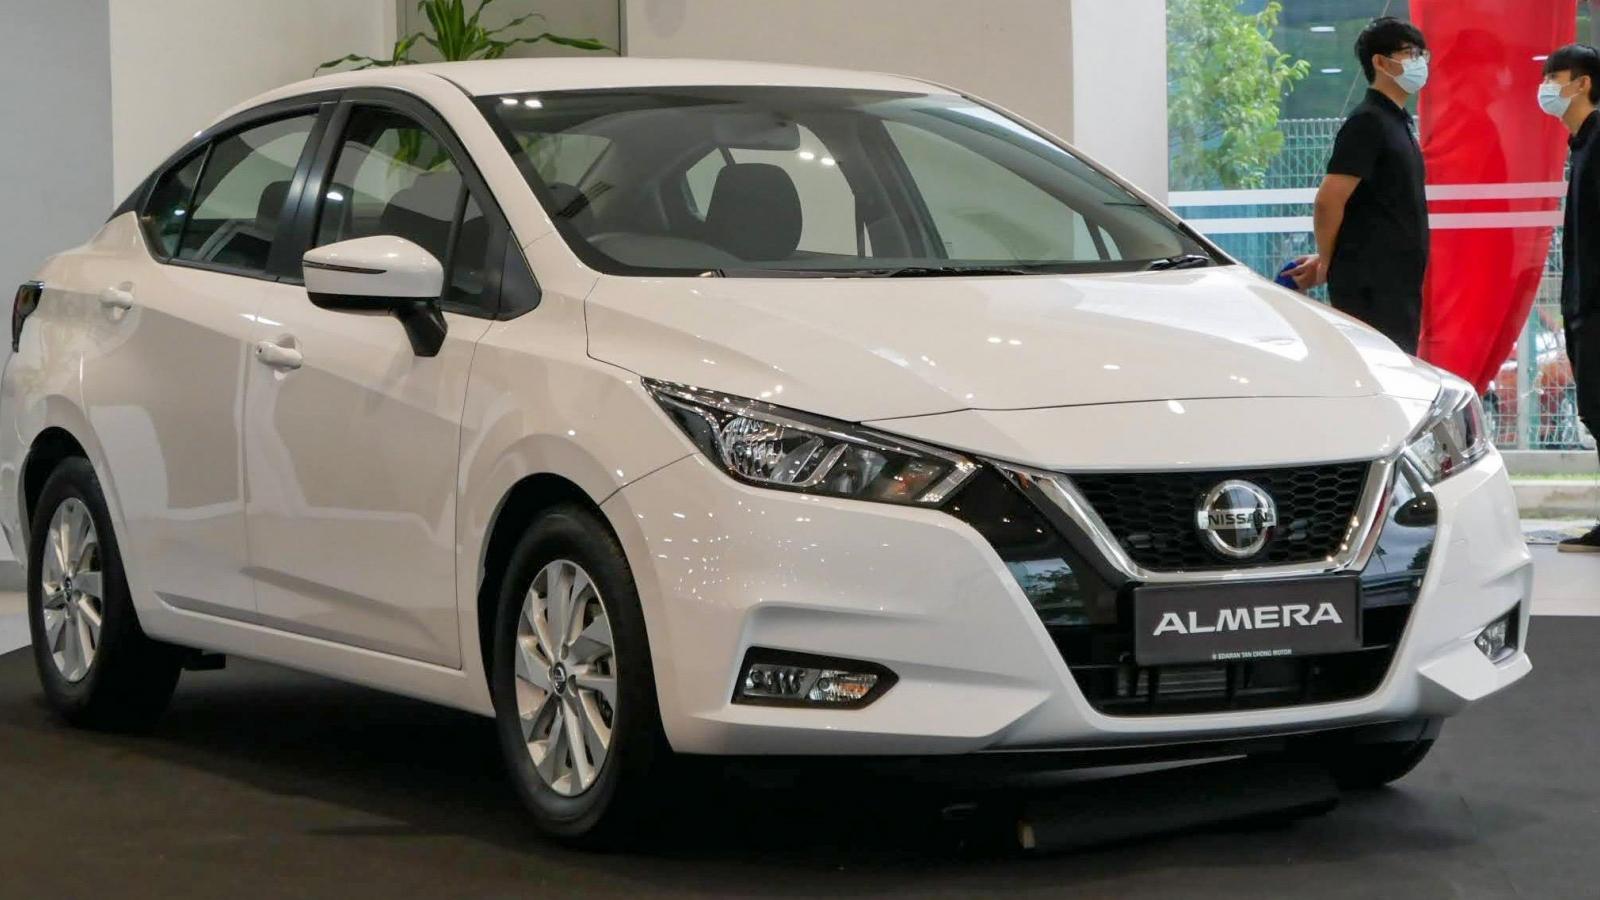 Hé lộ hai mẫu xe Nissan mới đăng ký kiểu dáng độc quyền tại Việt Nam